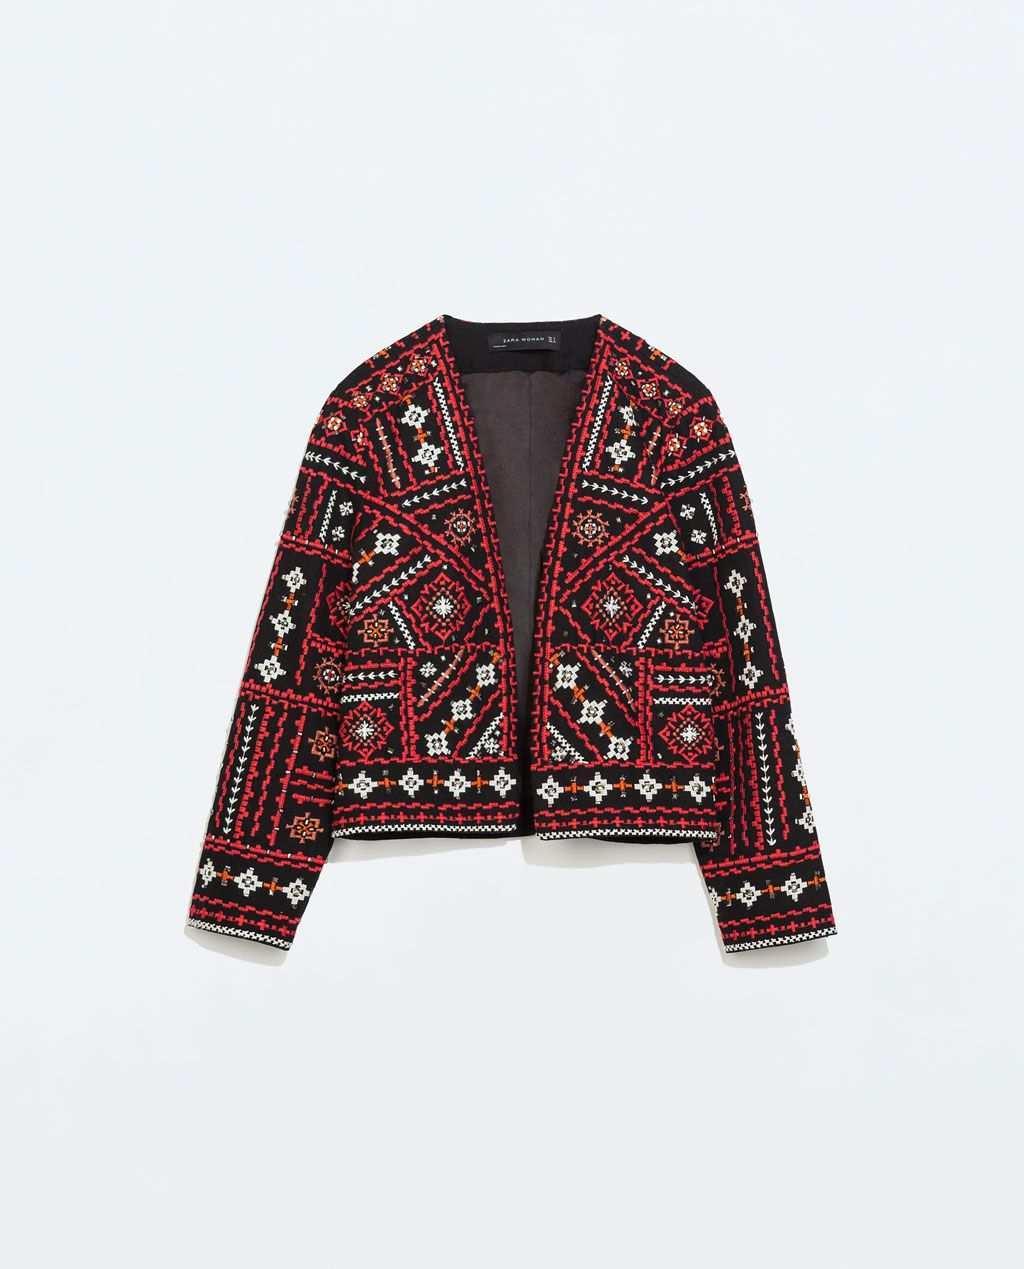 Zhaket S Vyshivkoj V Etnicheskom Stile Prosmotret Vse Zhakety Zhenshiny Modestil Gestickte Jacke Jacken